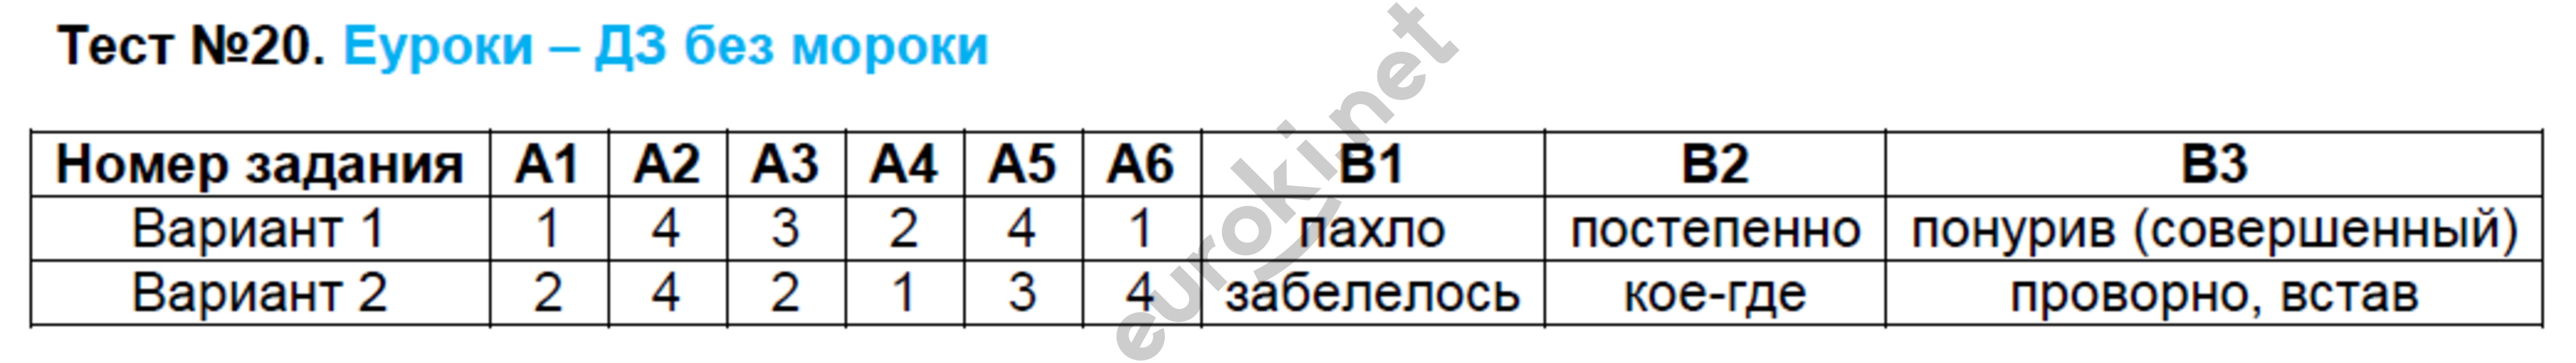 ГДЗ по русскому языку 7 класс контрольно-измерительные материалы Егорова. Задание: Тест 20